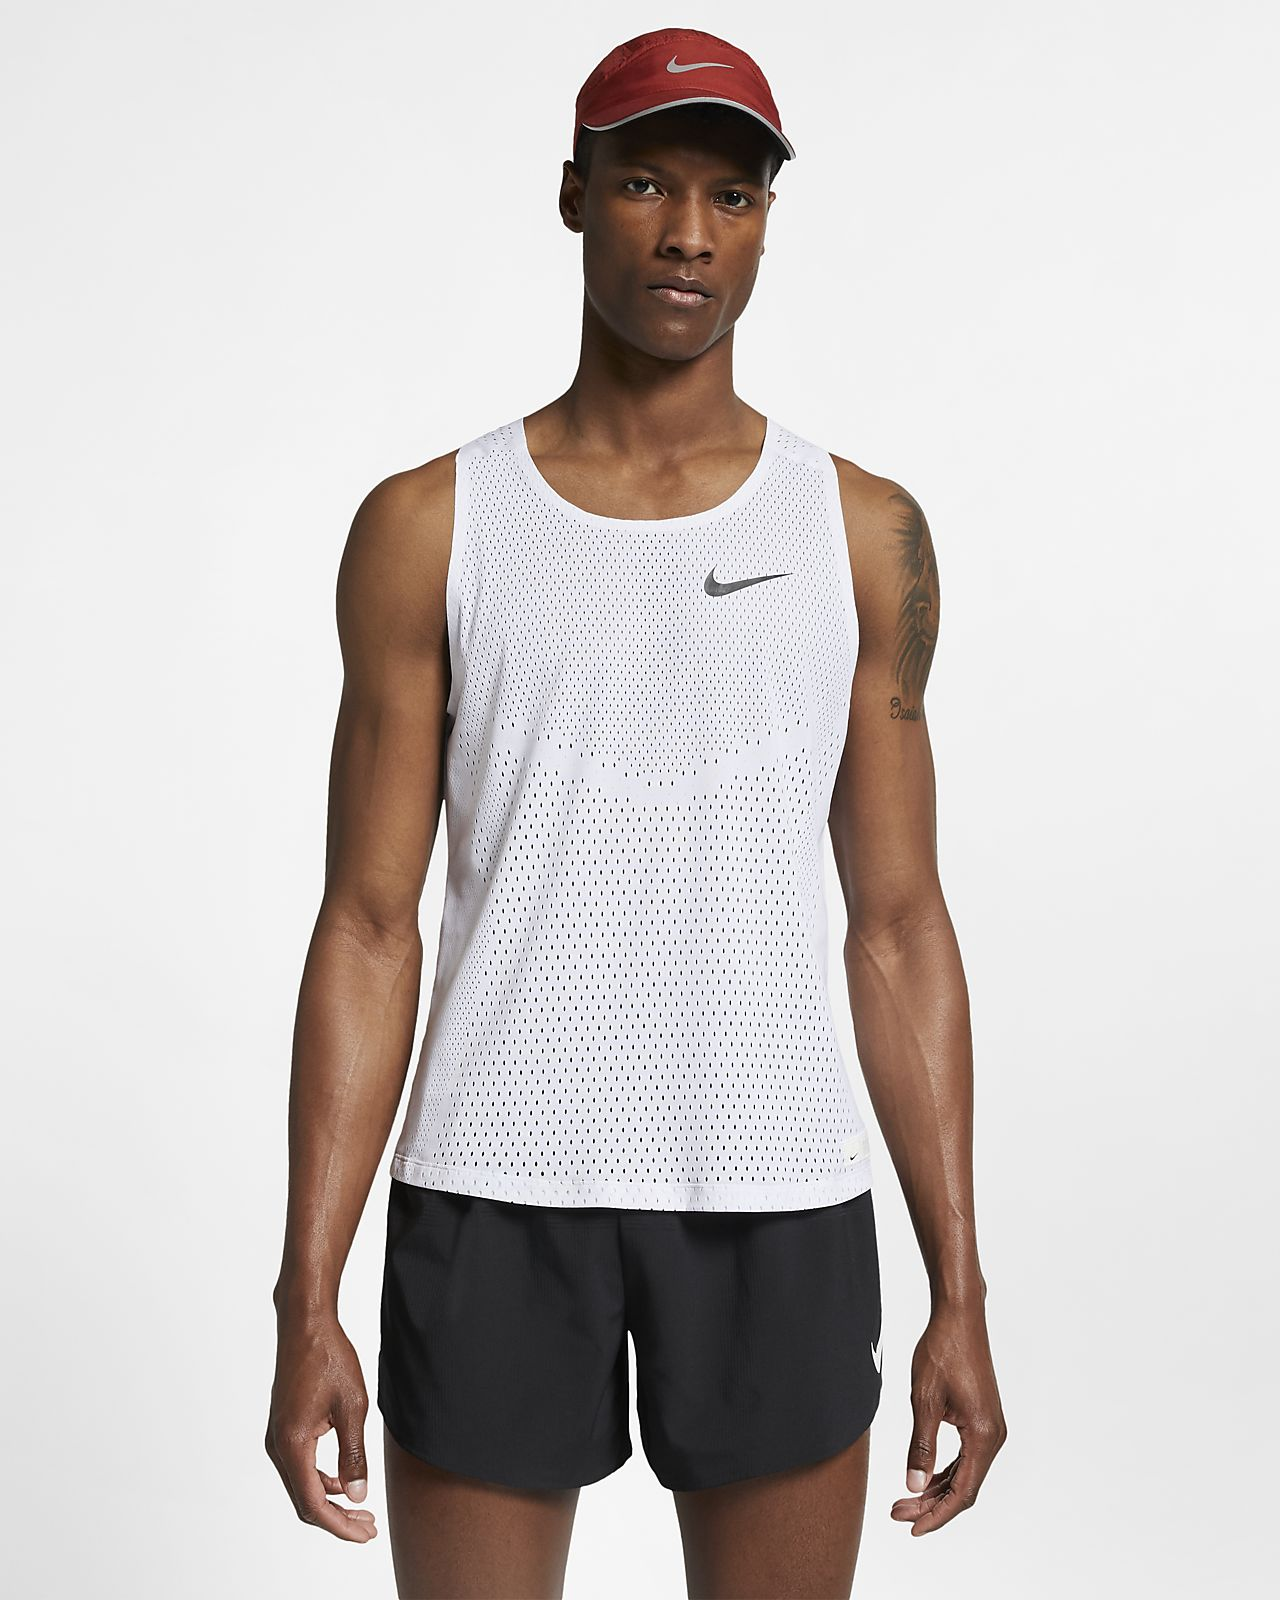 Canotta da running Nike AeroSwift (London)